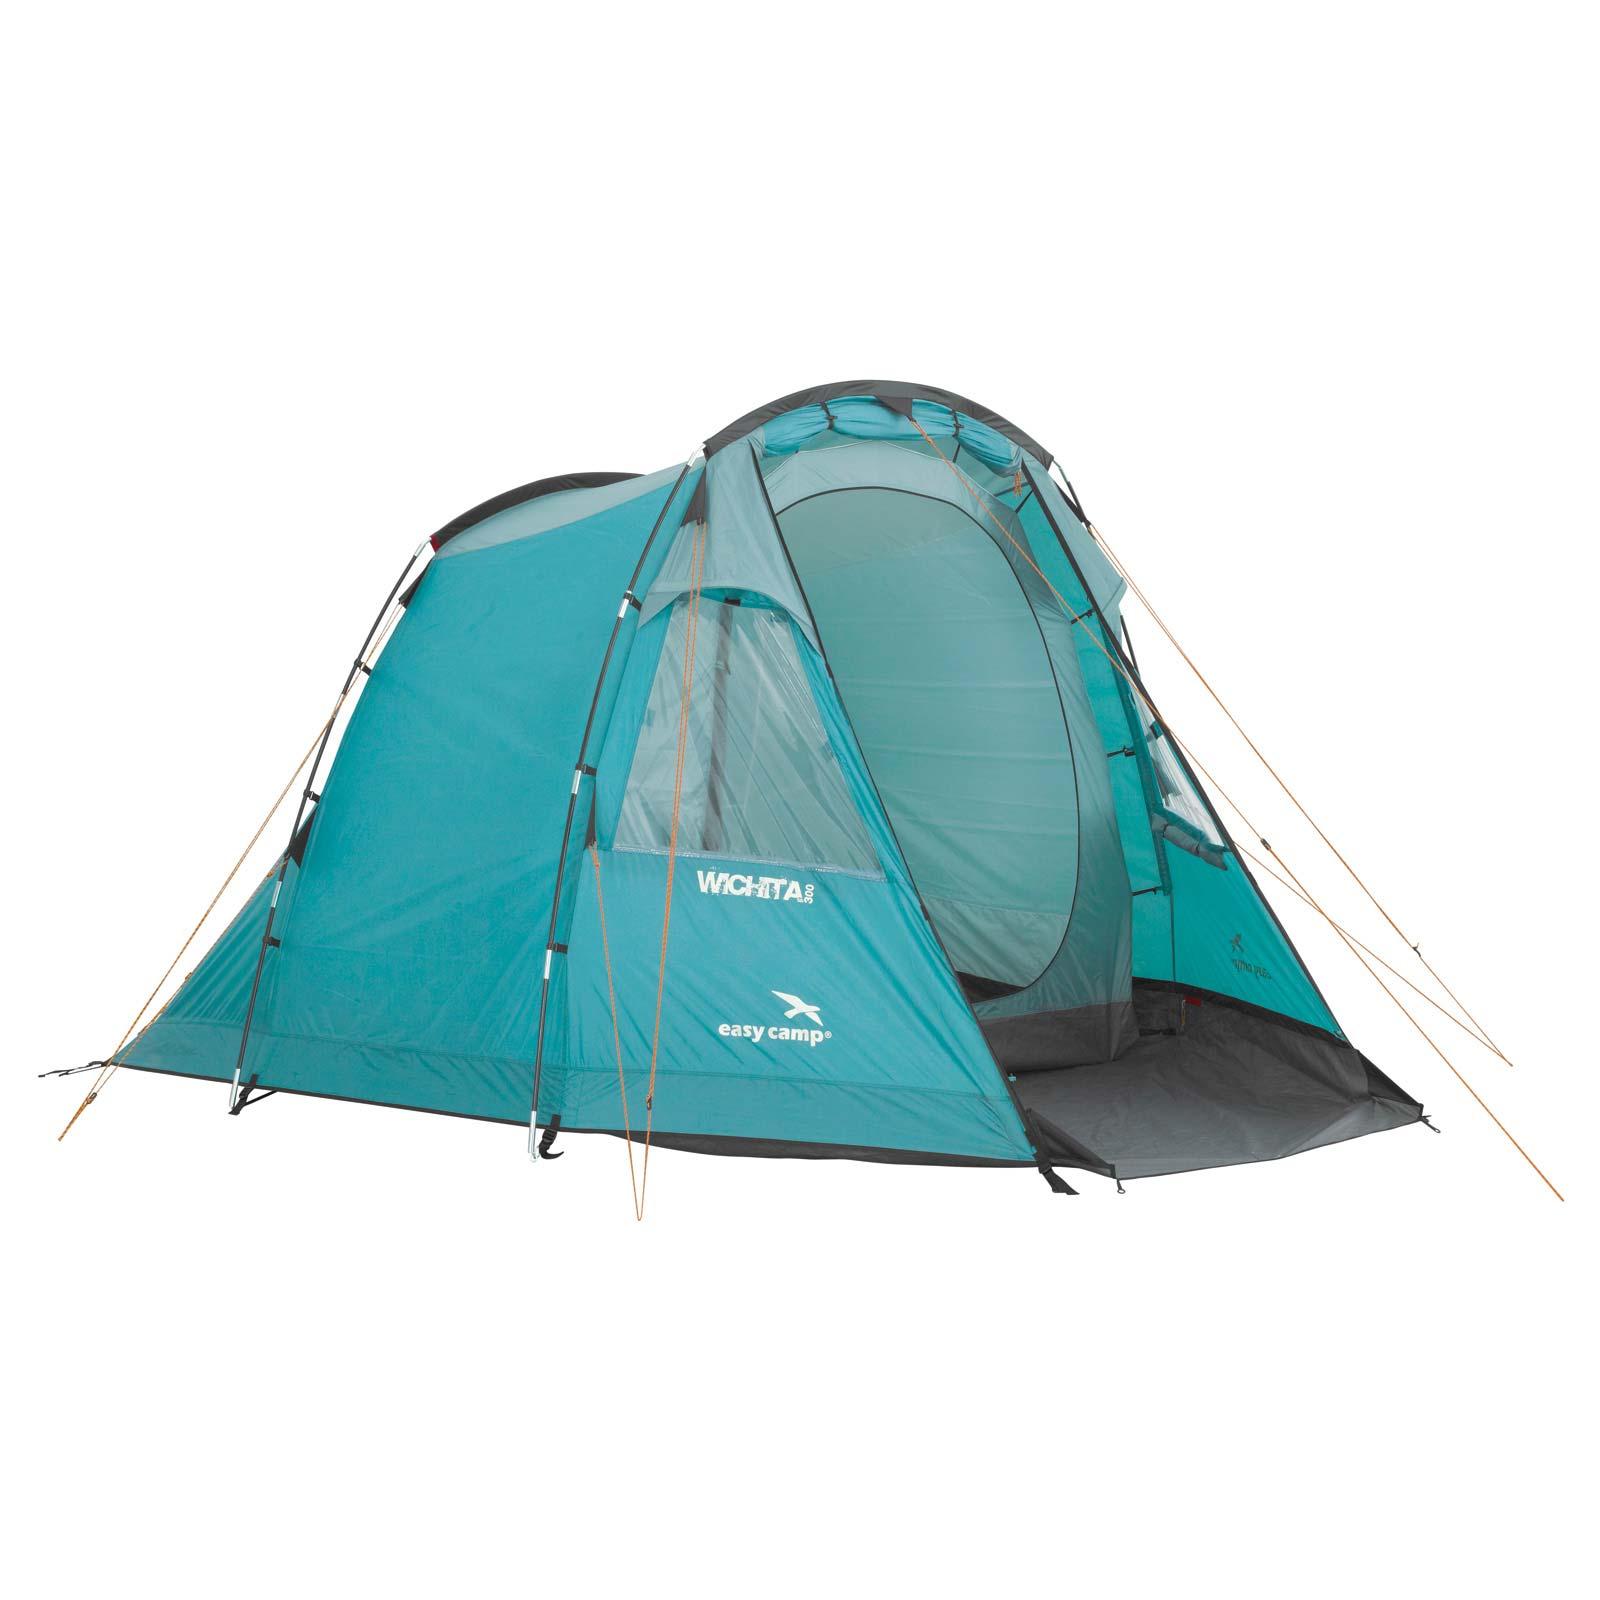 campingzelt 3 personen zelt easy camp wichita 300 familienzelt camping zelt ebay. Black Bedroom Furniture Sets. Home Design Ideas